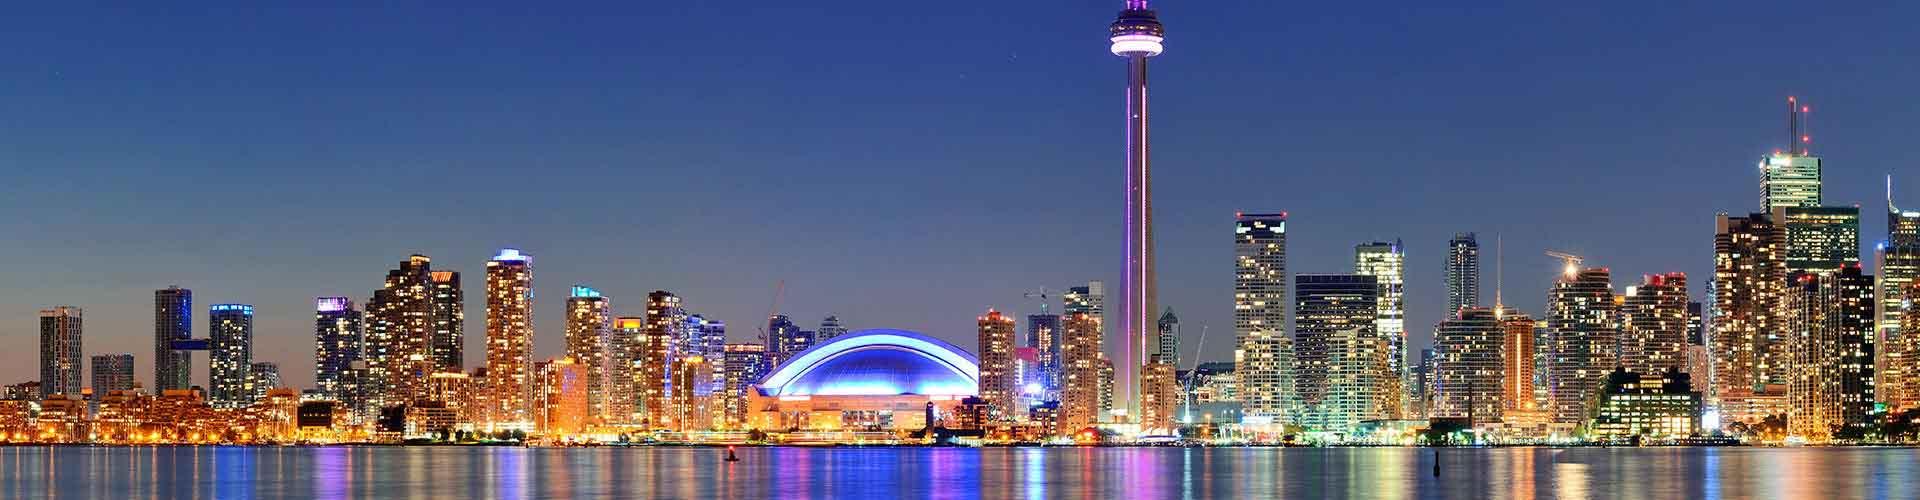 토론토 - Entertainment District지역에 위치한 호텔. 토론토의 지도, 토론토에 위치한 호텔에 대한 사진 및 리뷰.